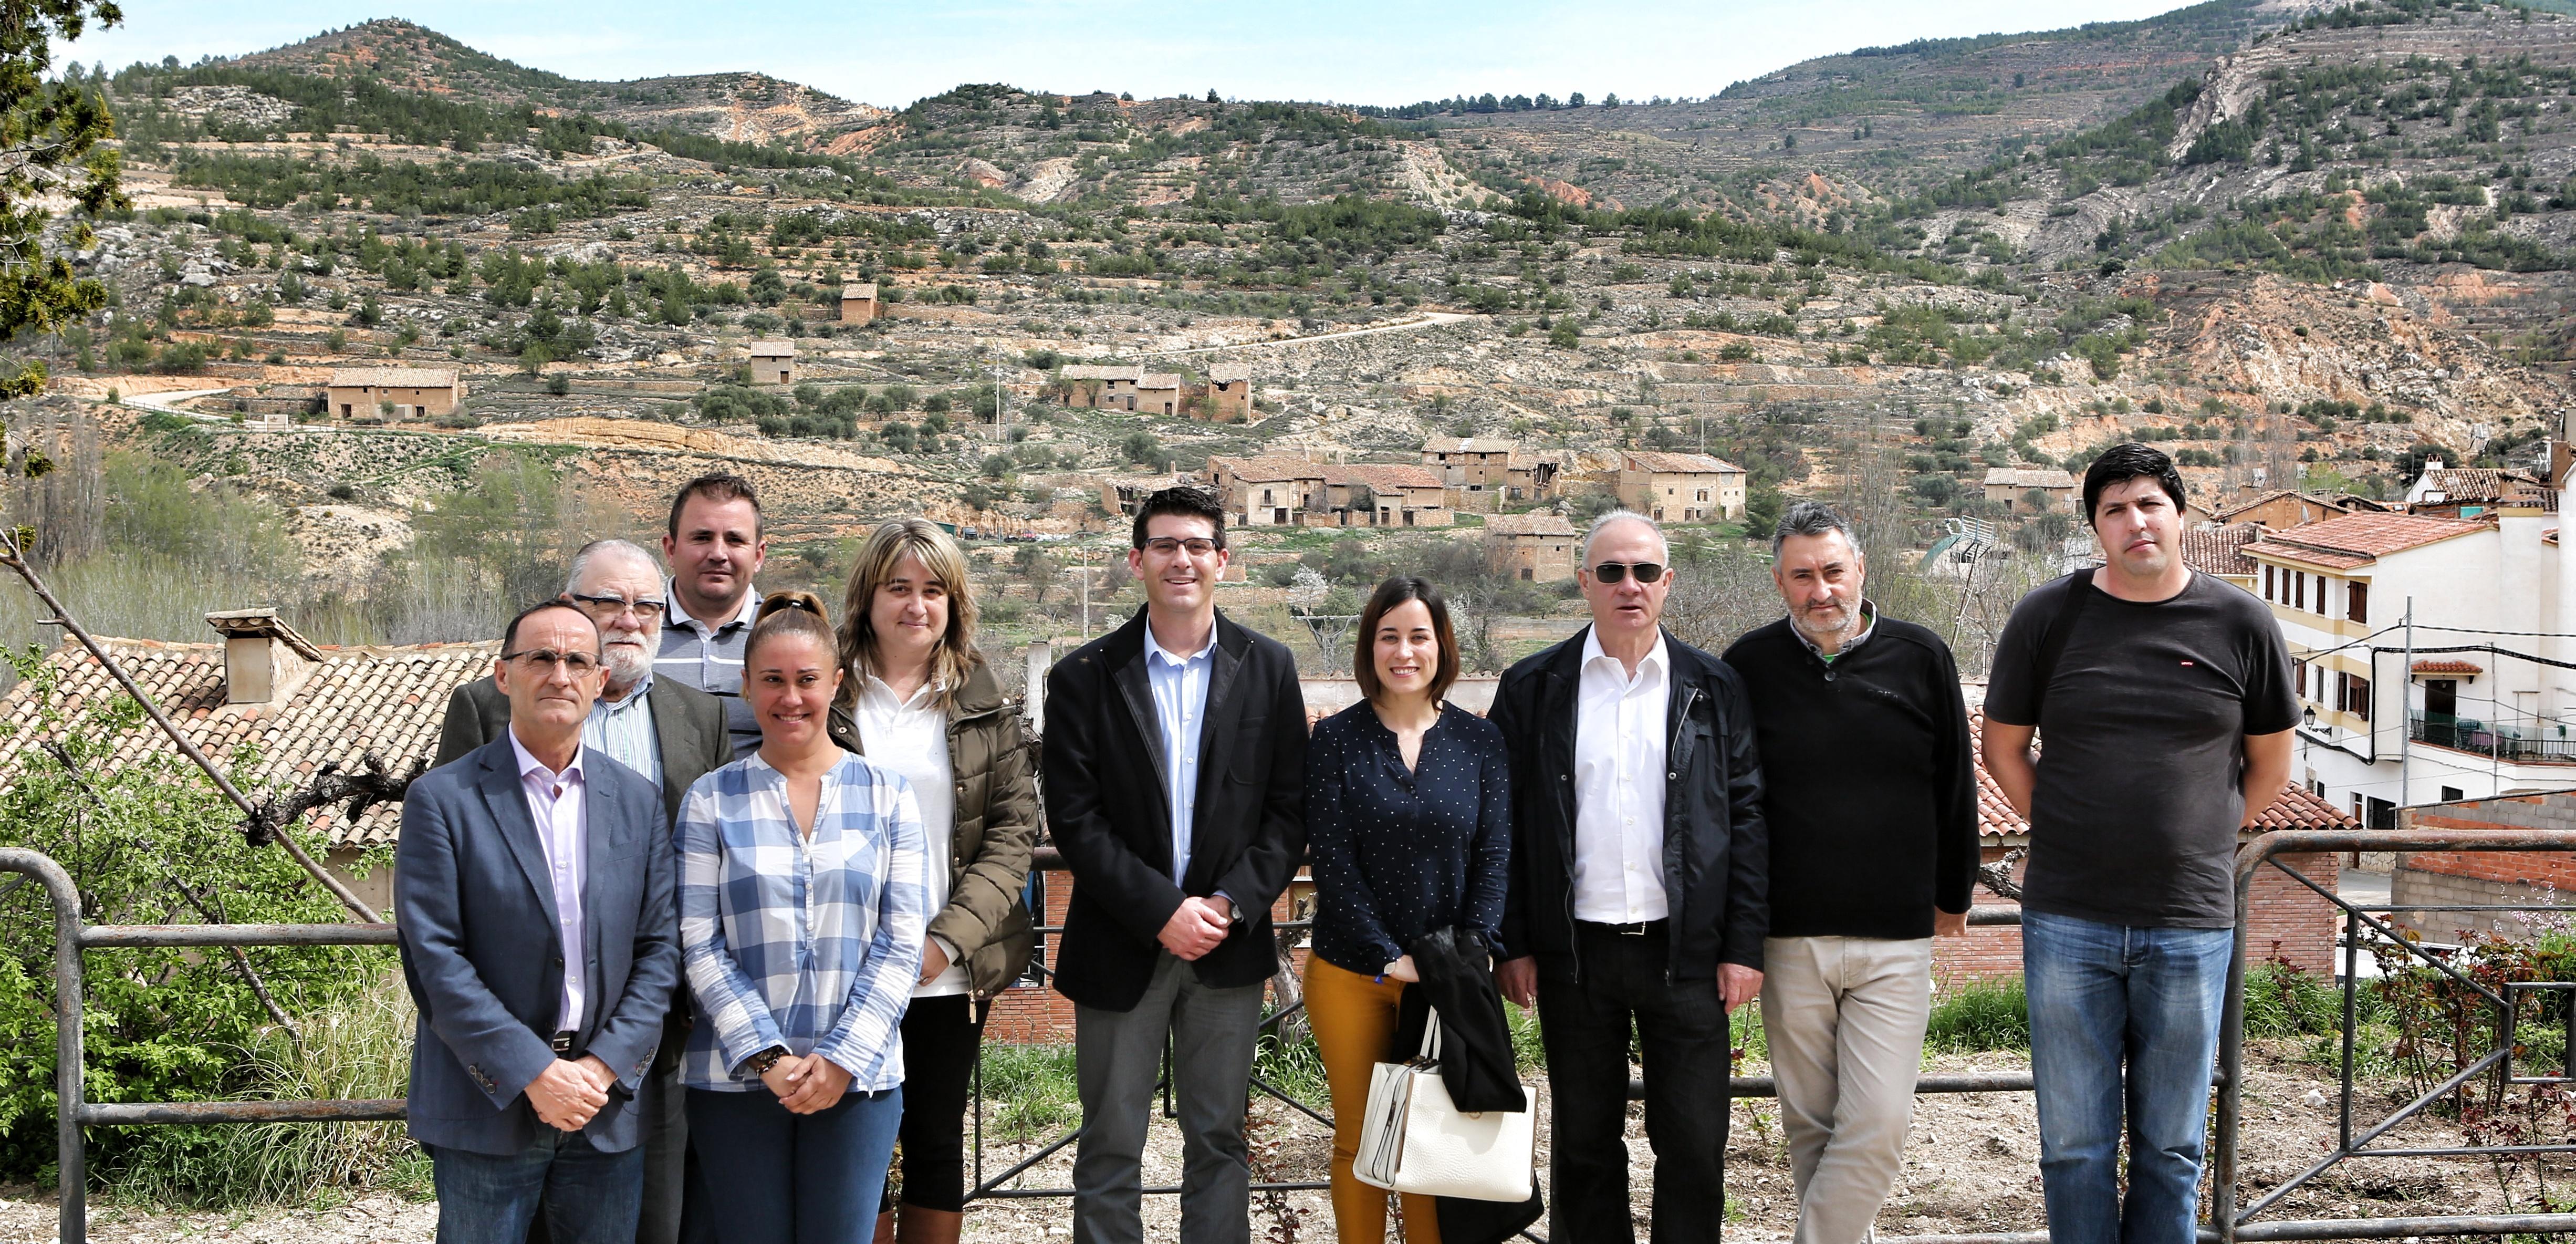 El presidente Jorge Rodríguez con alcaldes y alcaldesas del Rincón de Ademuz.